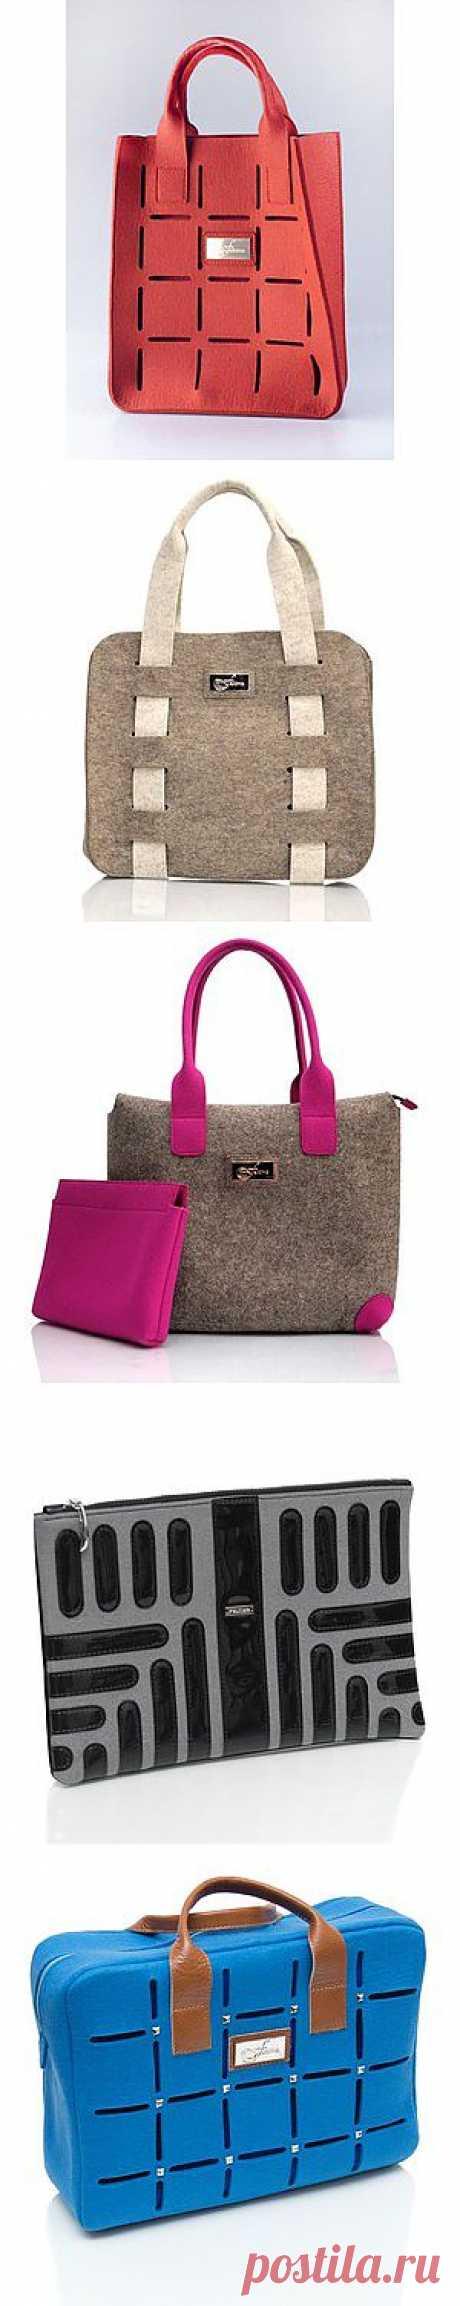 Гармония и стиль бренд Feltimo. оригинальные сумки